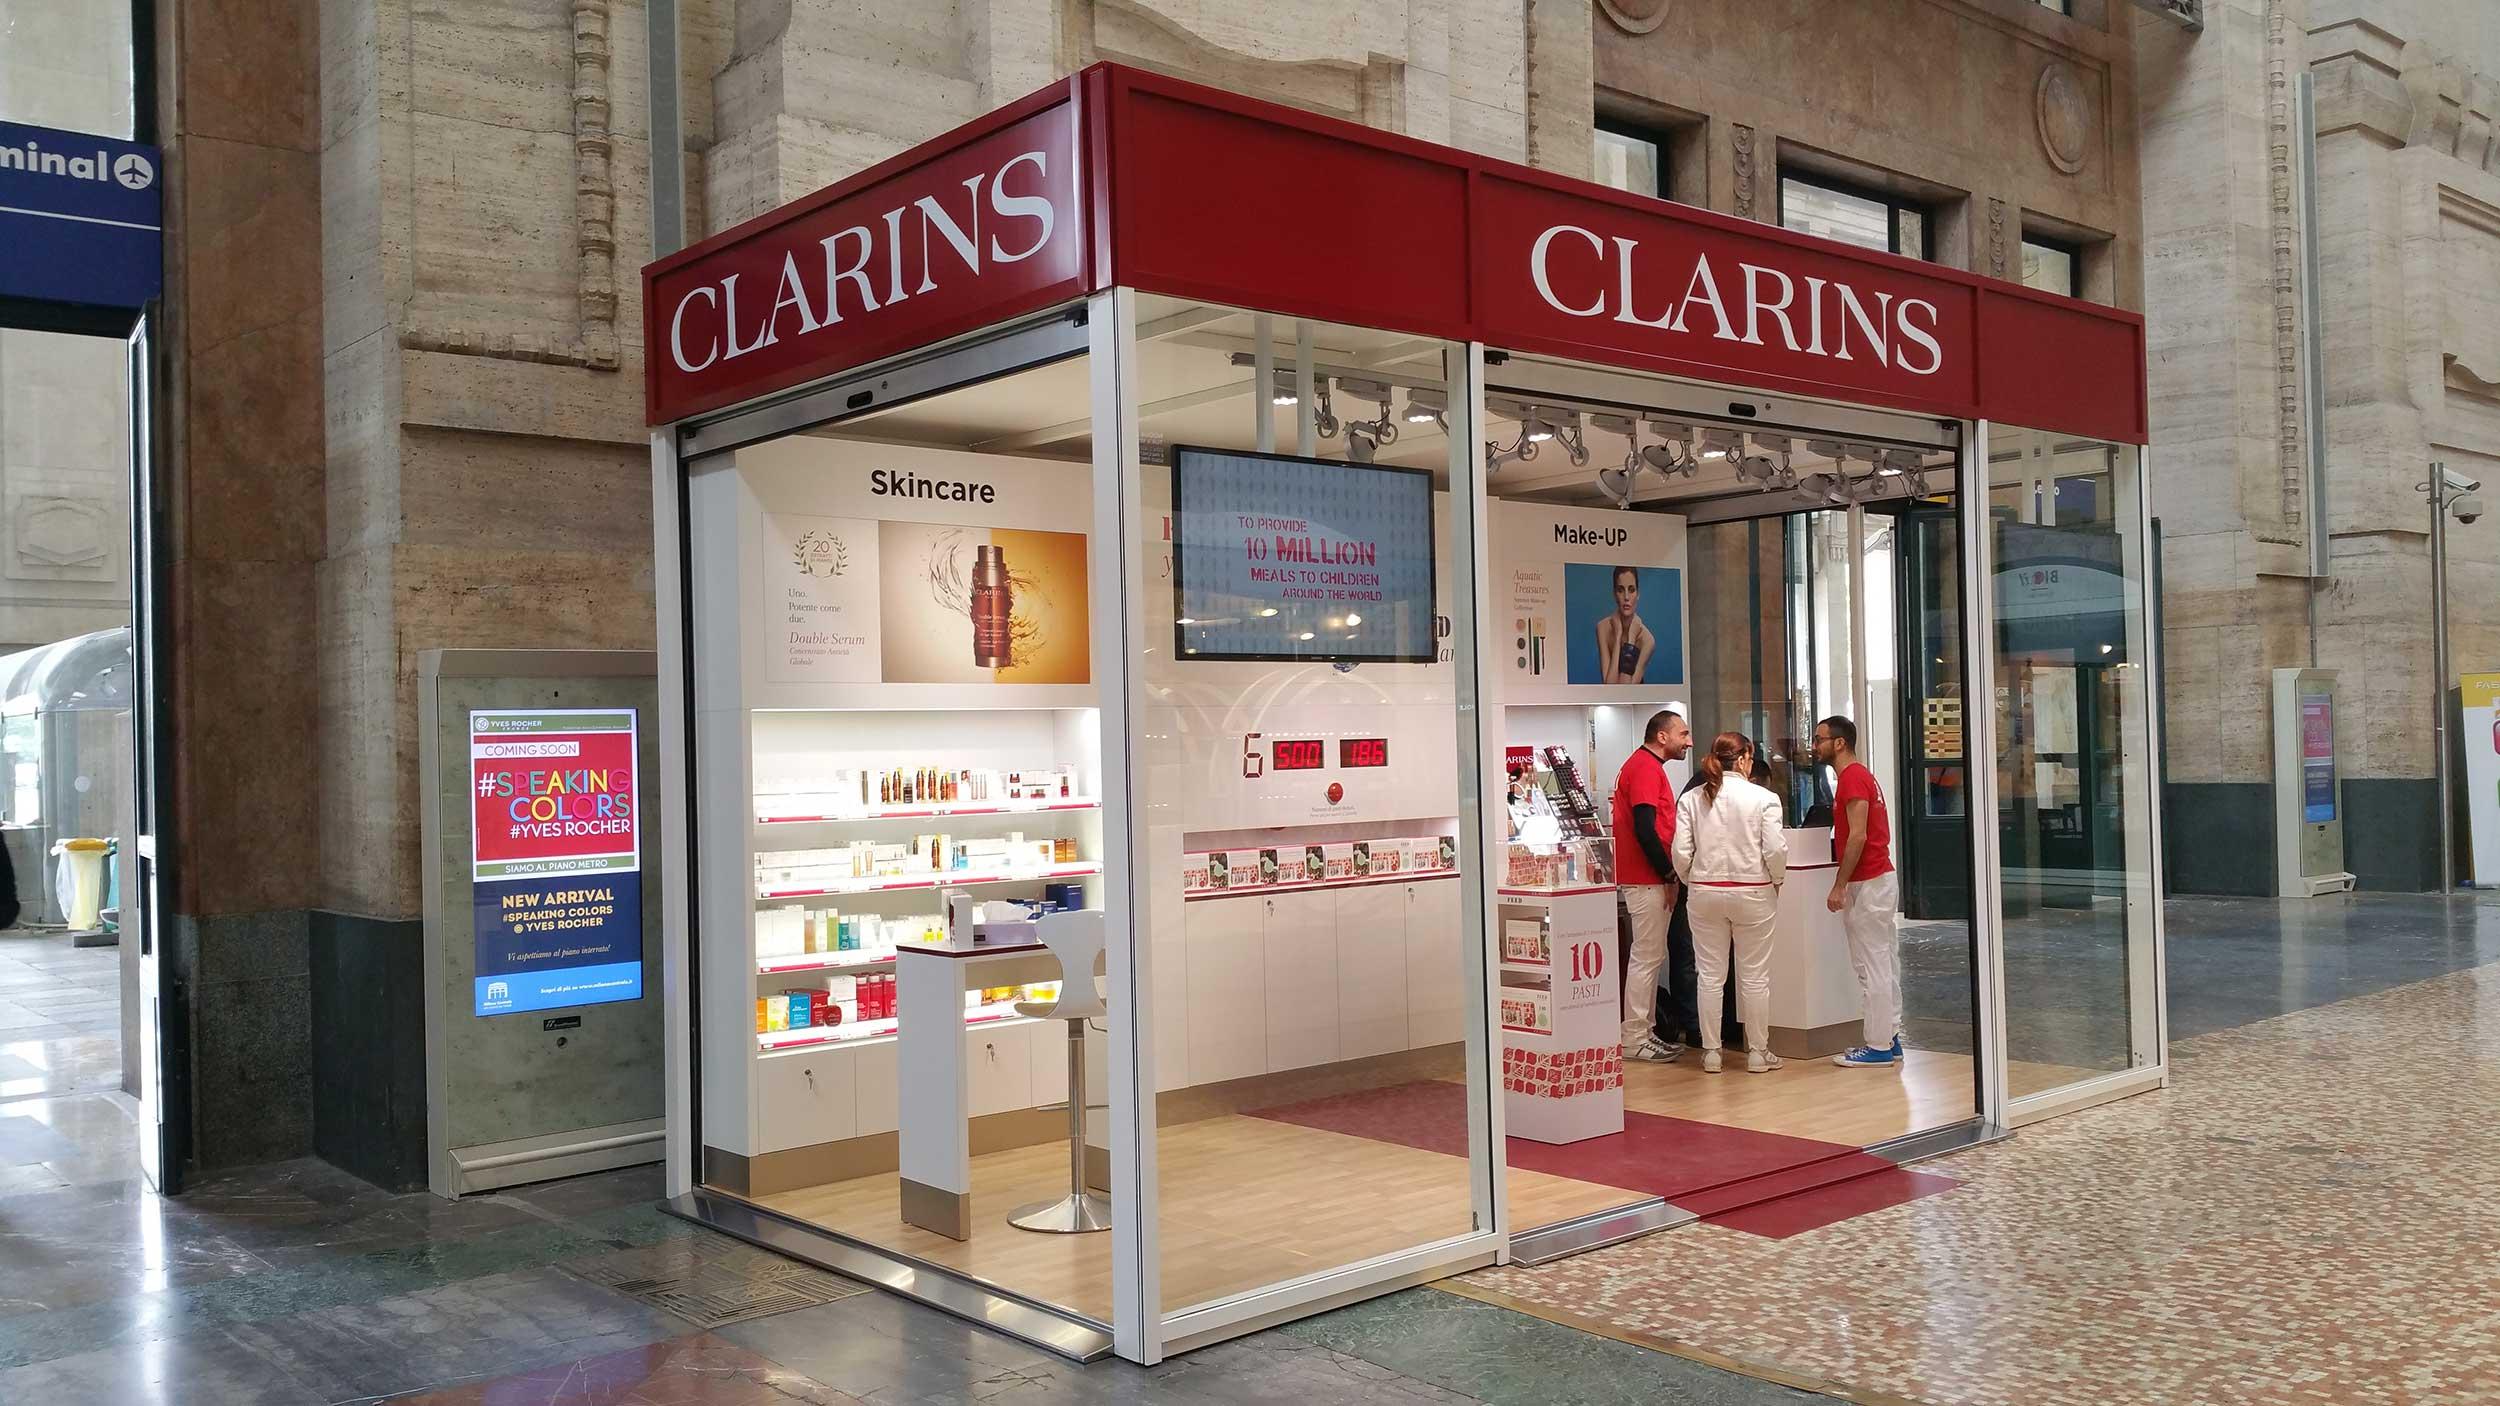 container-temporary-store-clarins-stazione-centrale-milano-promozione-eventi-noleggio